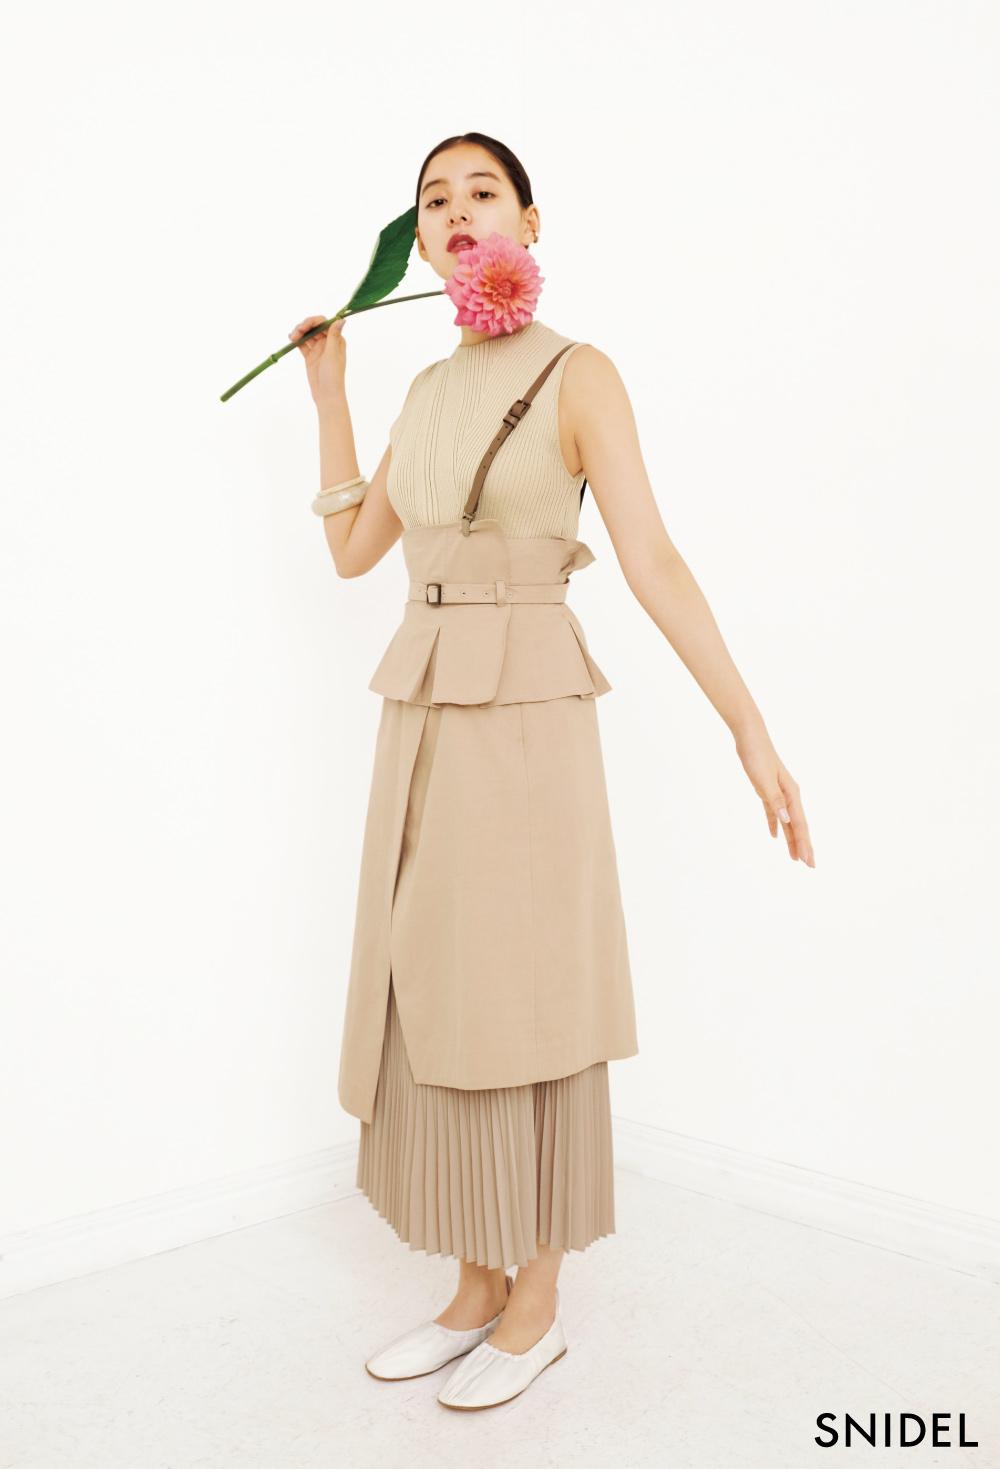 女優・新木優子(あらき ゆうこ)が纏う、 「SNIDEL(スナイデル)」2020年春コレクション